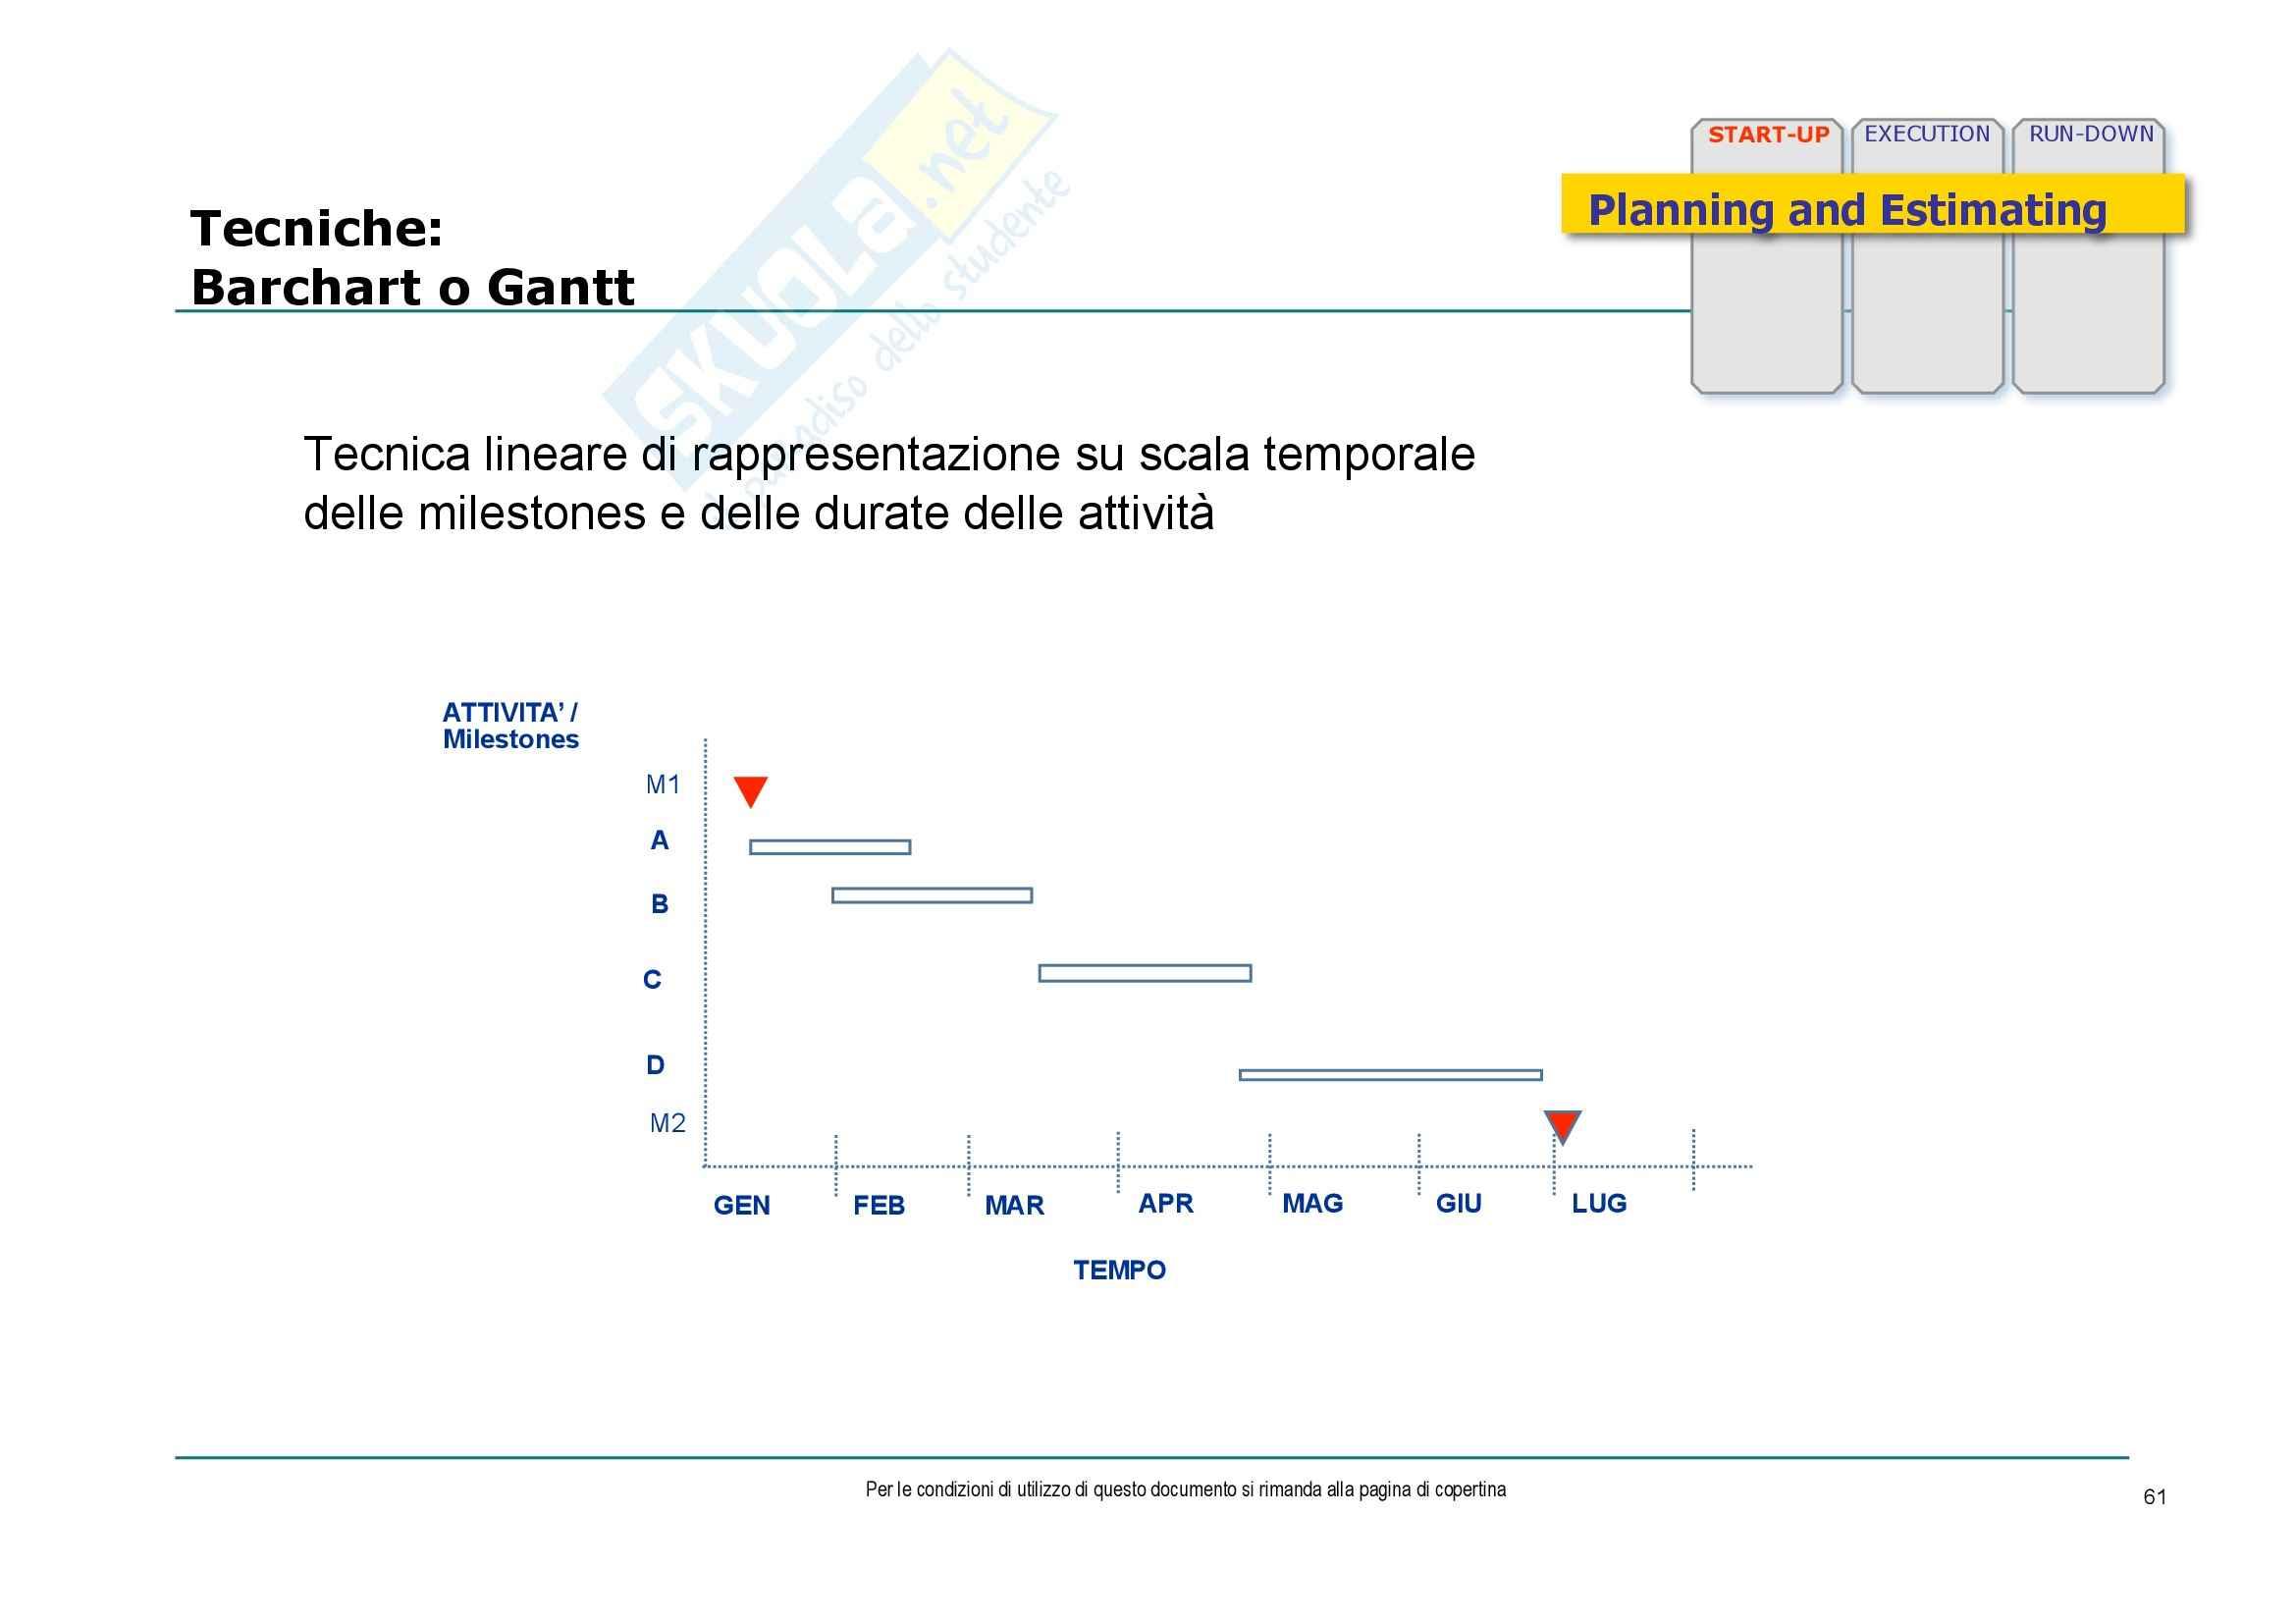 Economia ed organizzazione aziendale - consulenza di direzione e gestione dei progetti Pag. 61